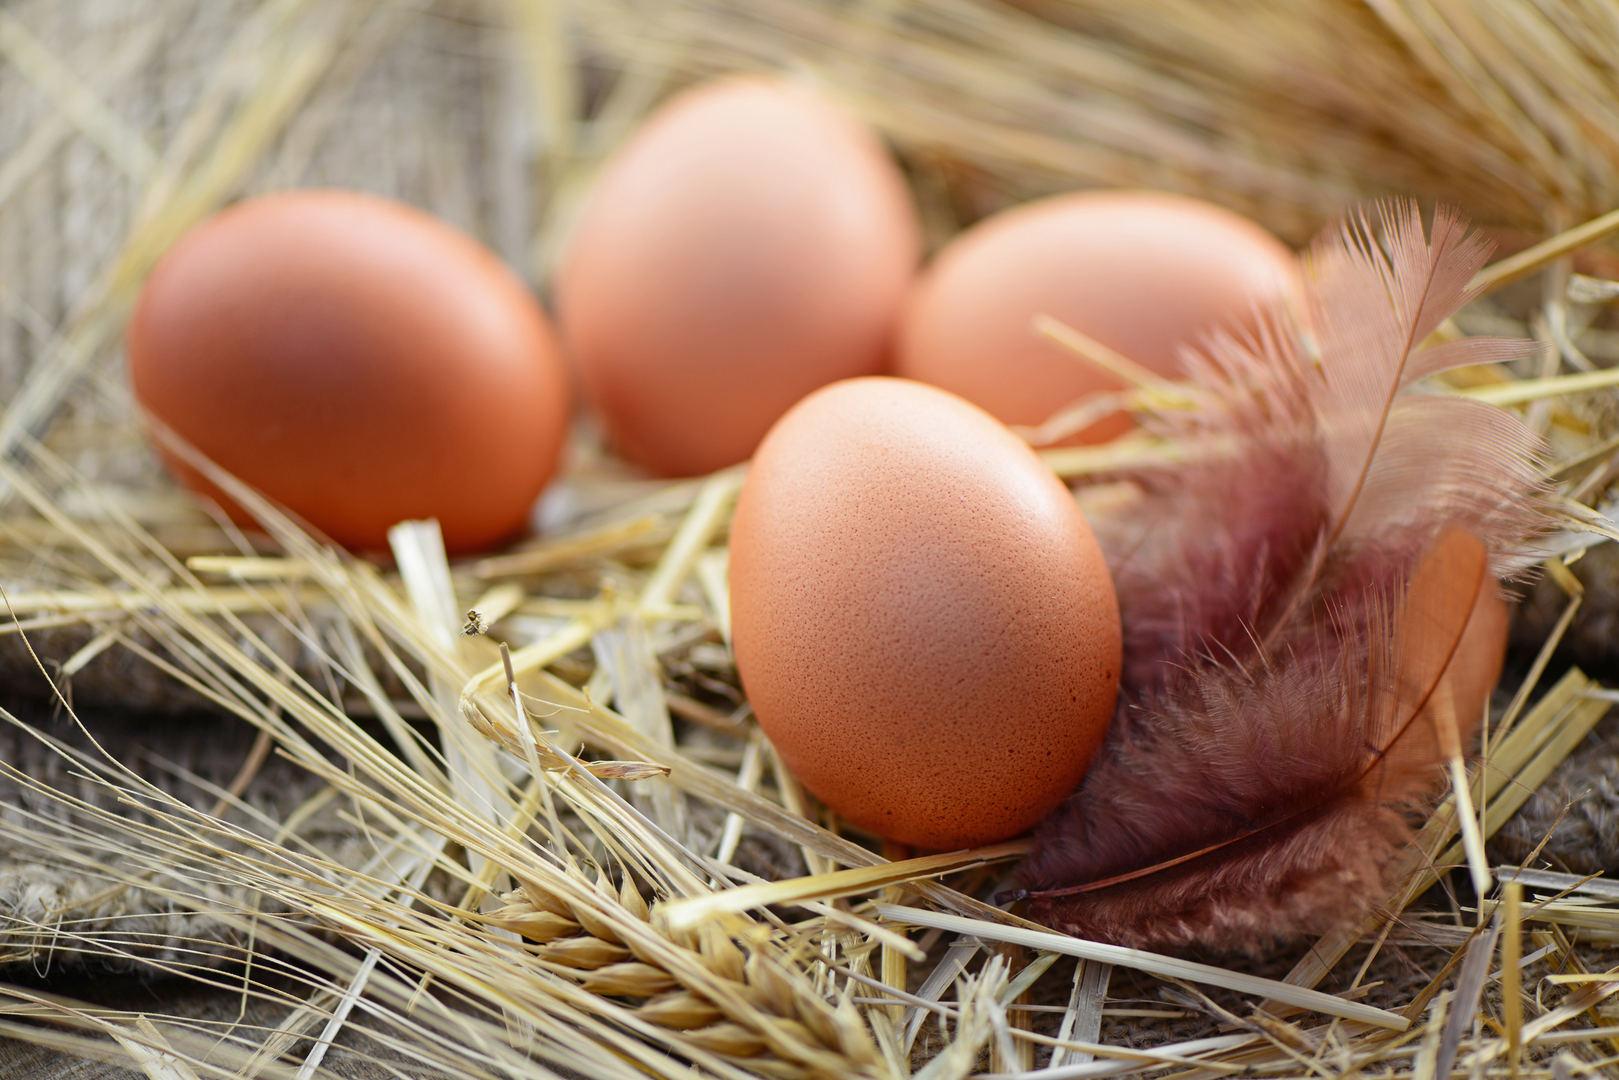 kaip padidinti erekcijos putpelių kiaušinius